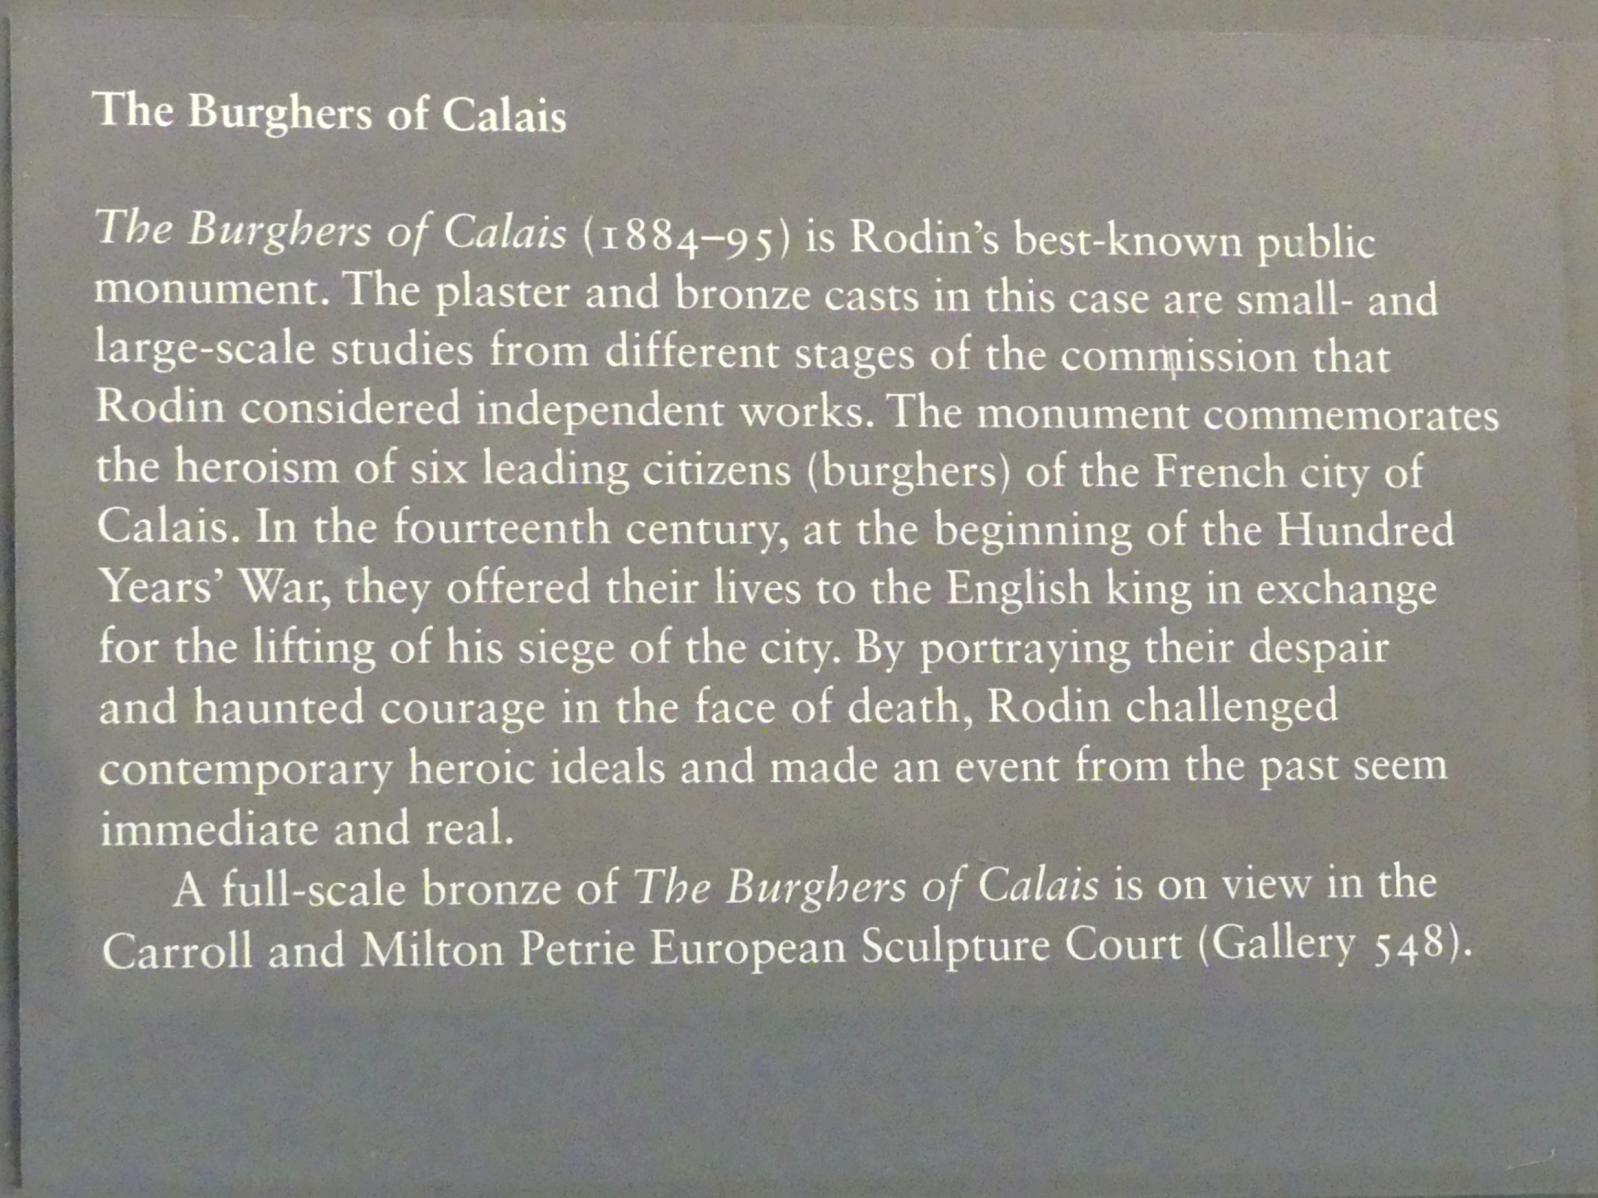 New York, Metropolitan Museum of Art (Met), Saal 800, Bild 4/8